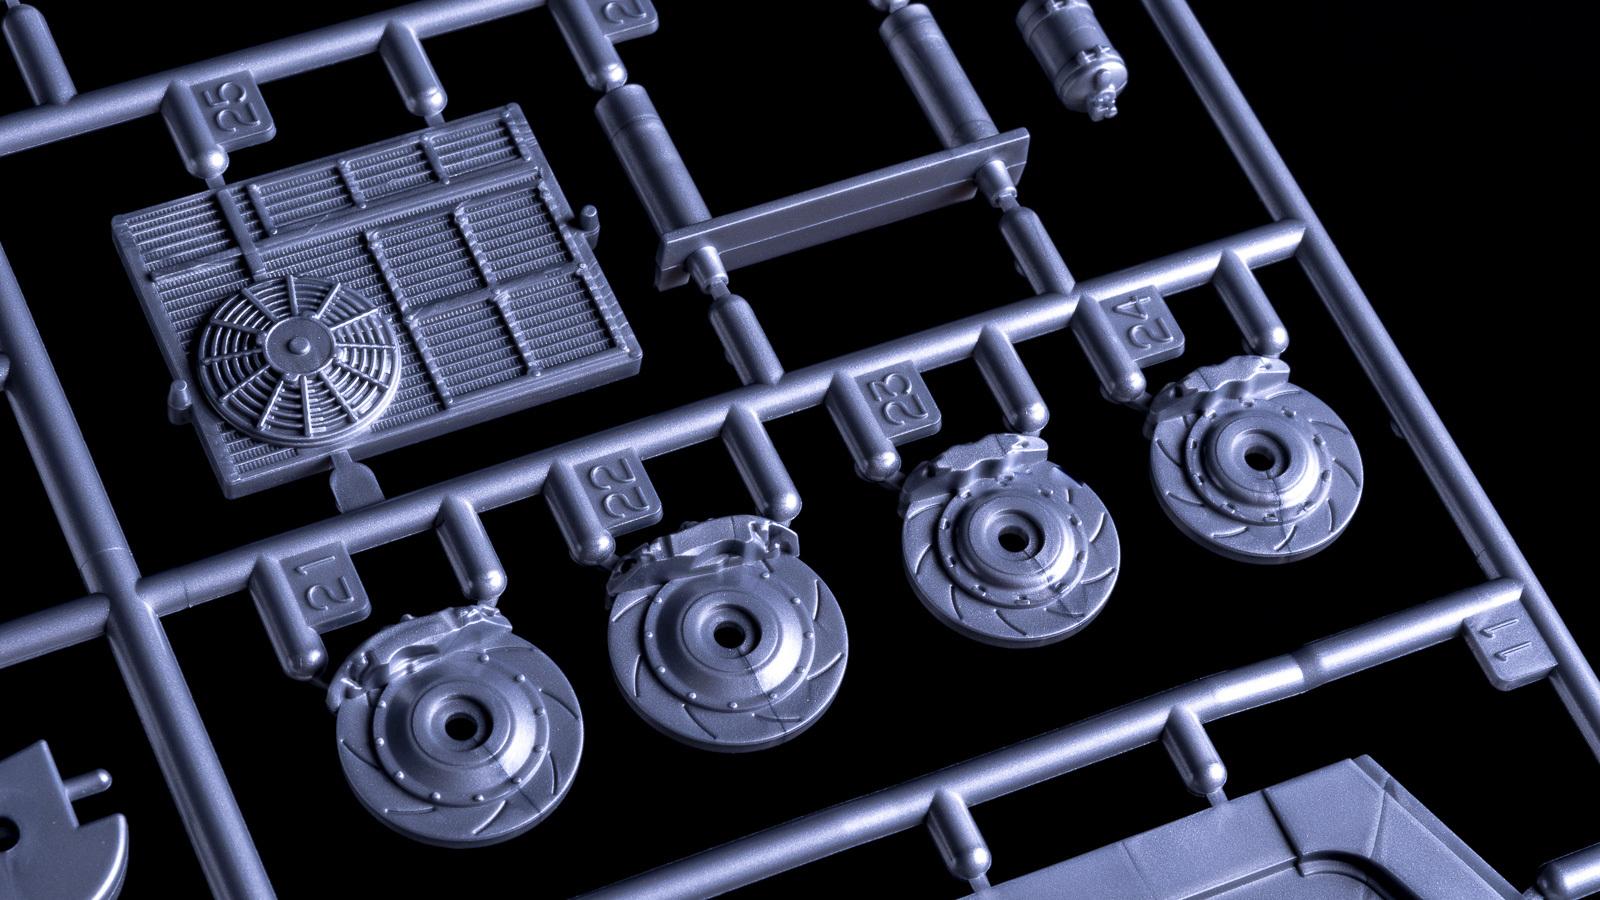 カーモデルの超ビギナーが初音ミクのGTマシンを2日で作れる魔法のような方法を教えます_b0029315_23260454.jpg